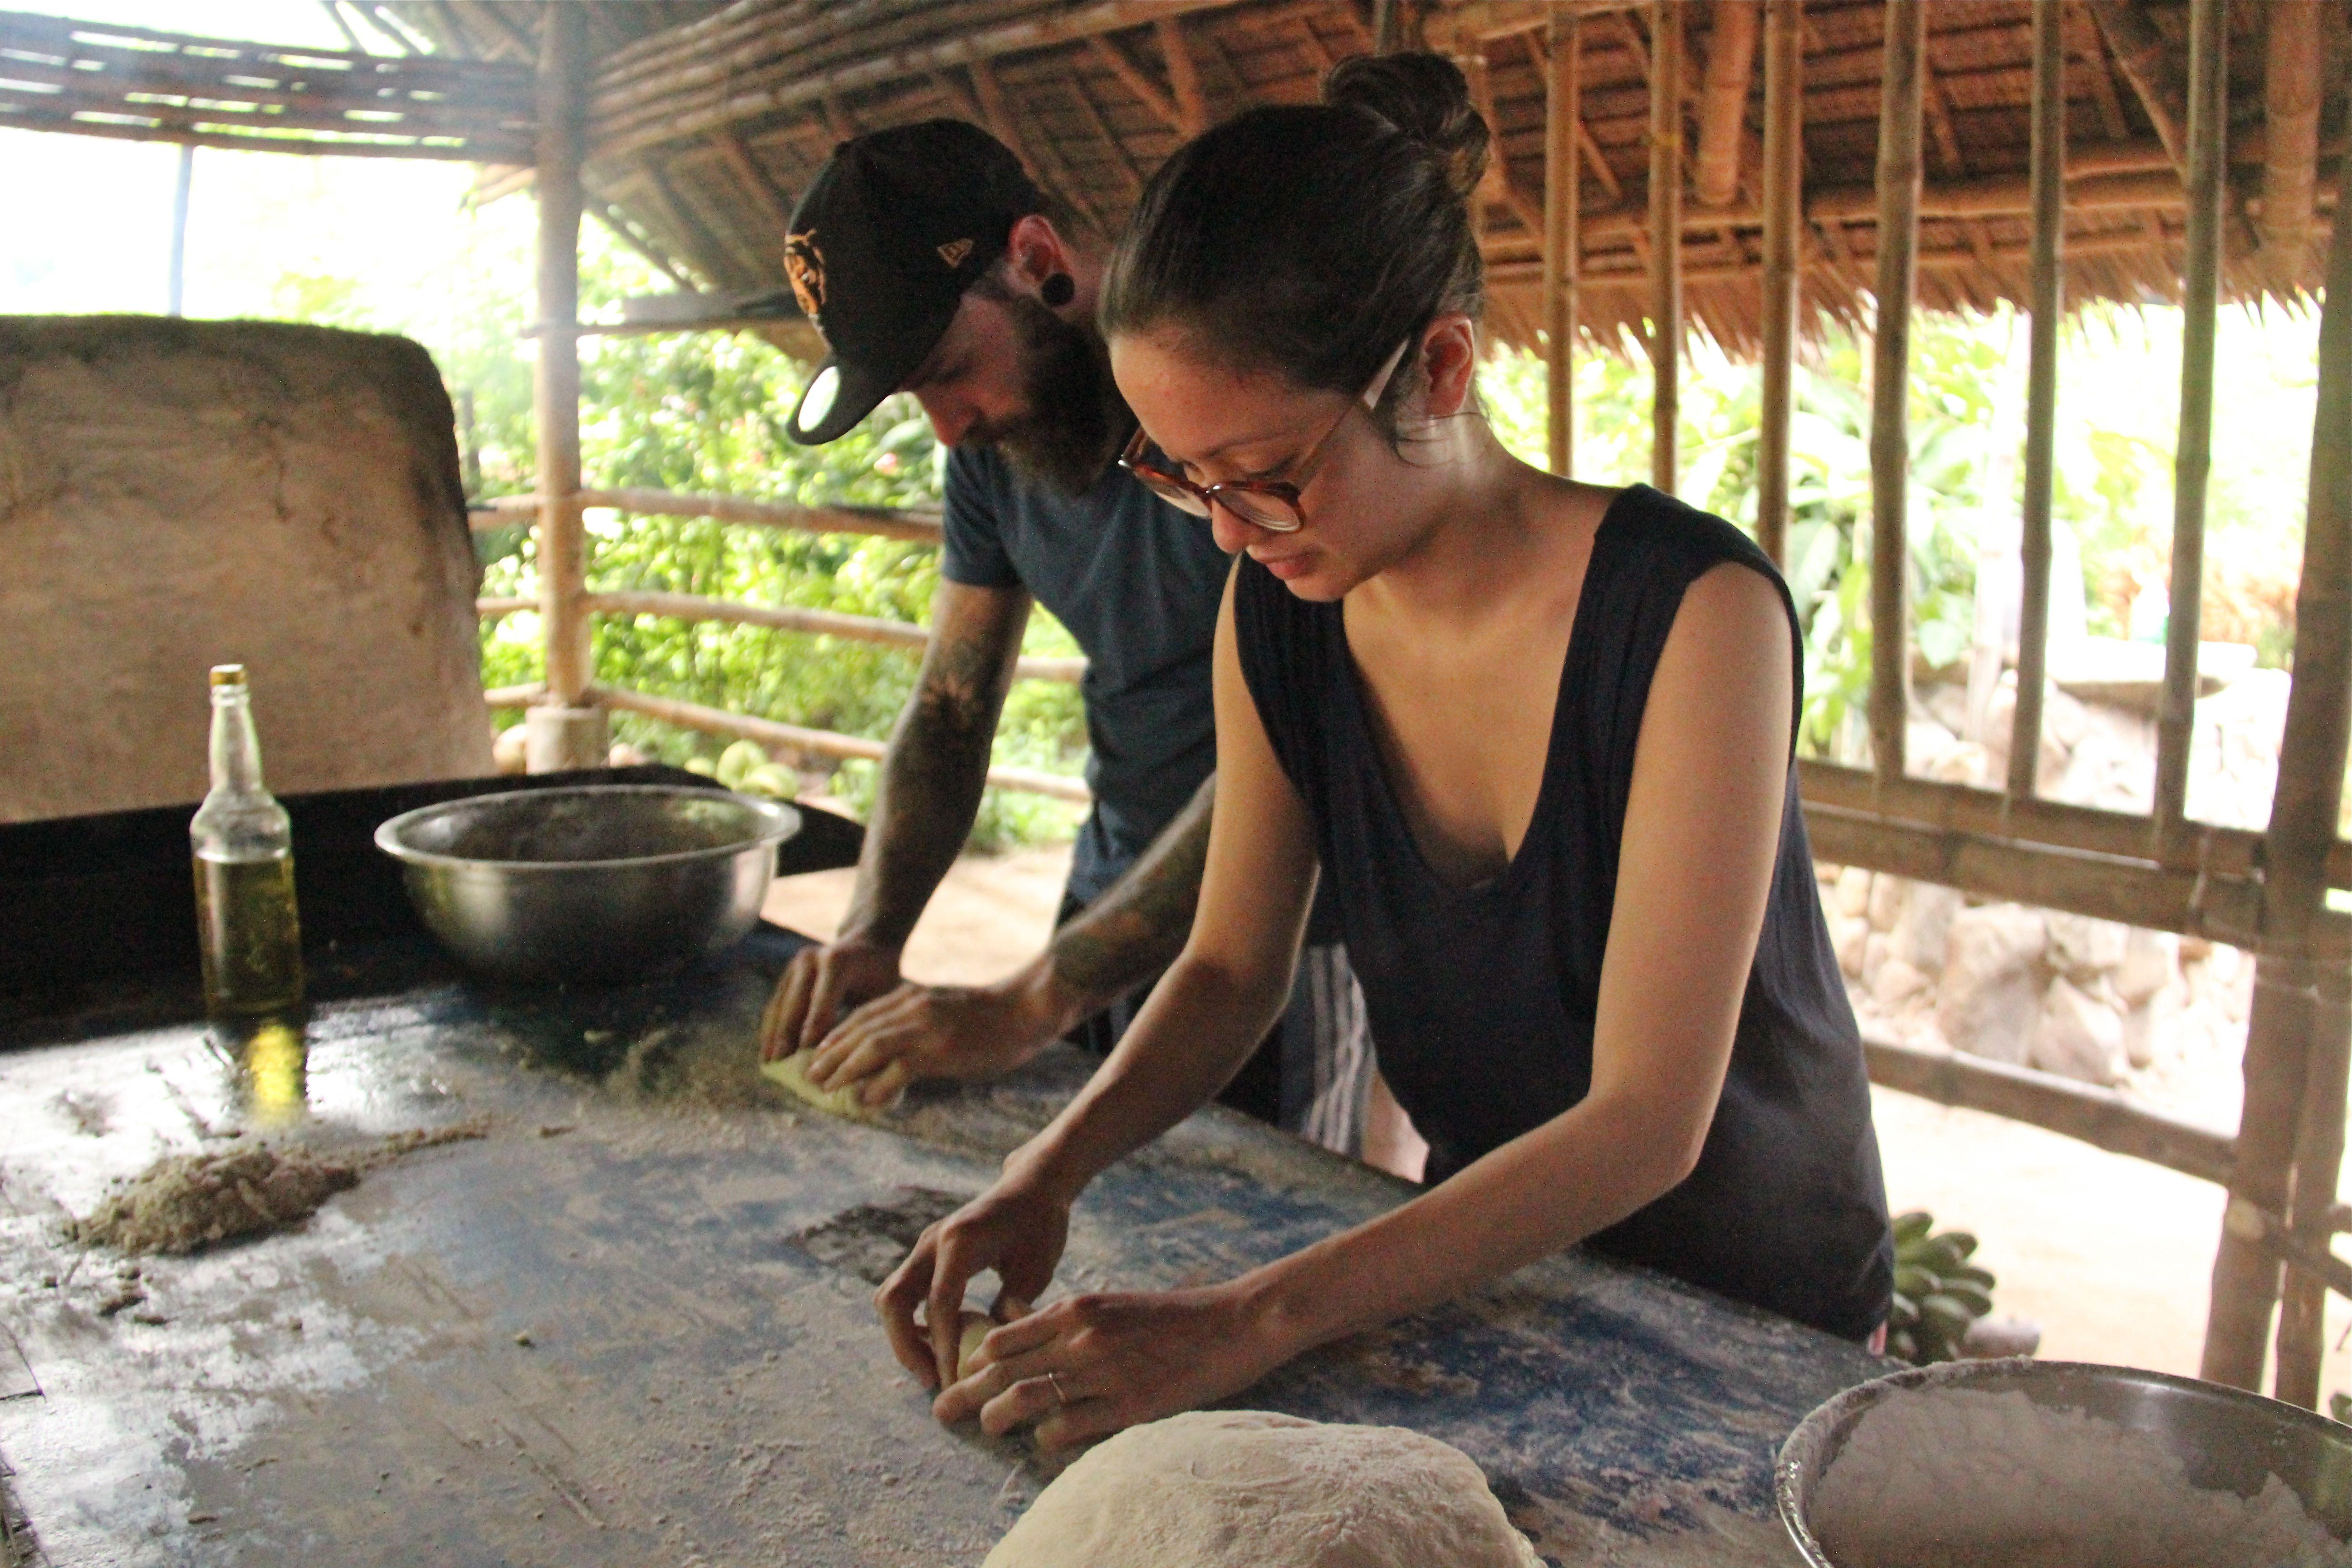 Façonnage des pains à l'eau de coco - Tao farm